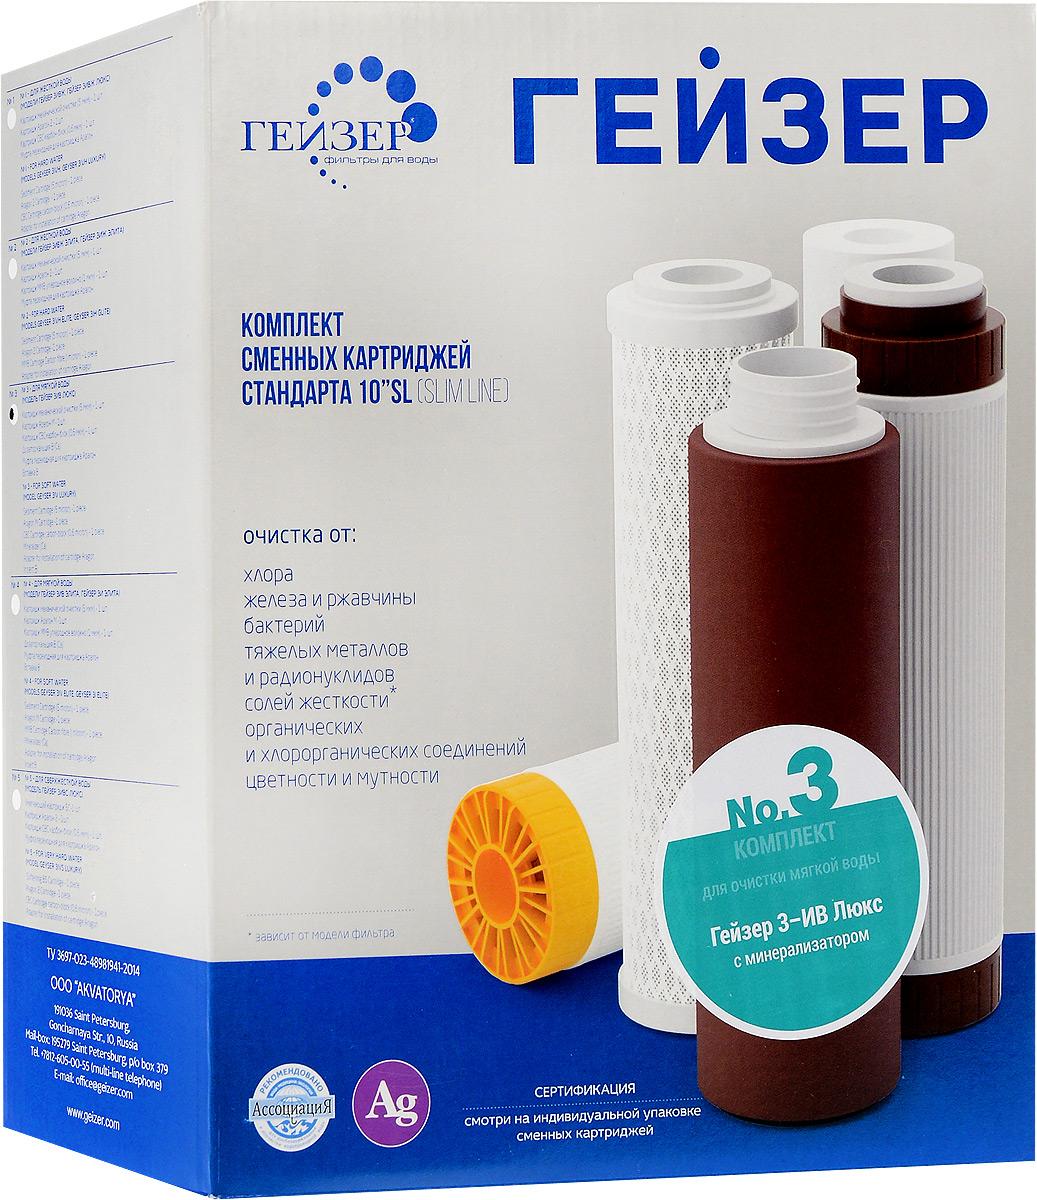 Комплект картриджей Гейзер №3, для мягкой воды, для фильтров Гейзер 3 комплект картриджей гейзер с 1 50085 для фильтров гейзер 3 предмета